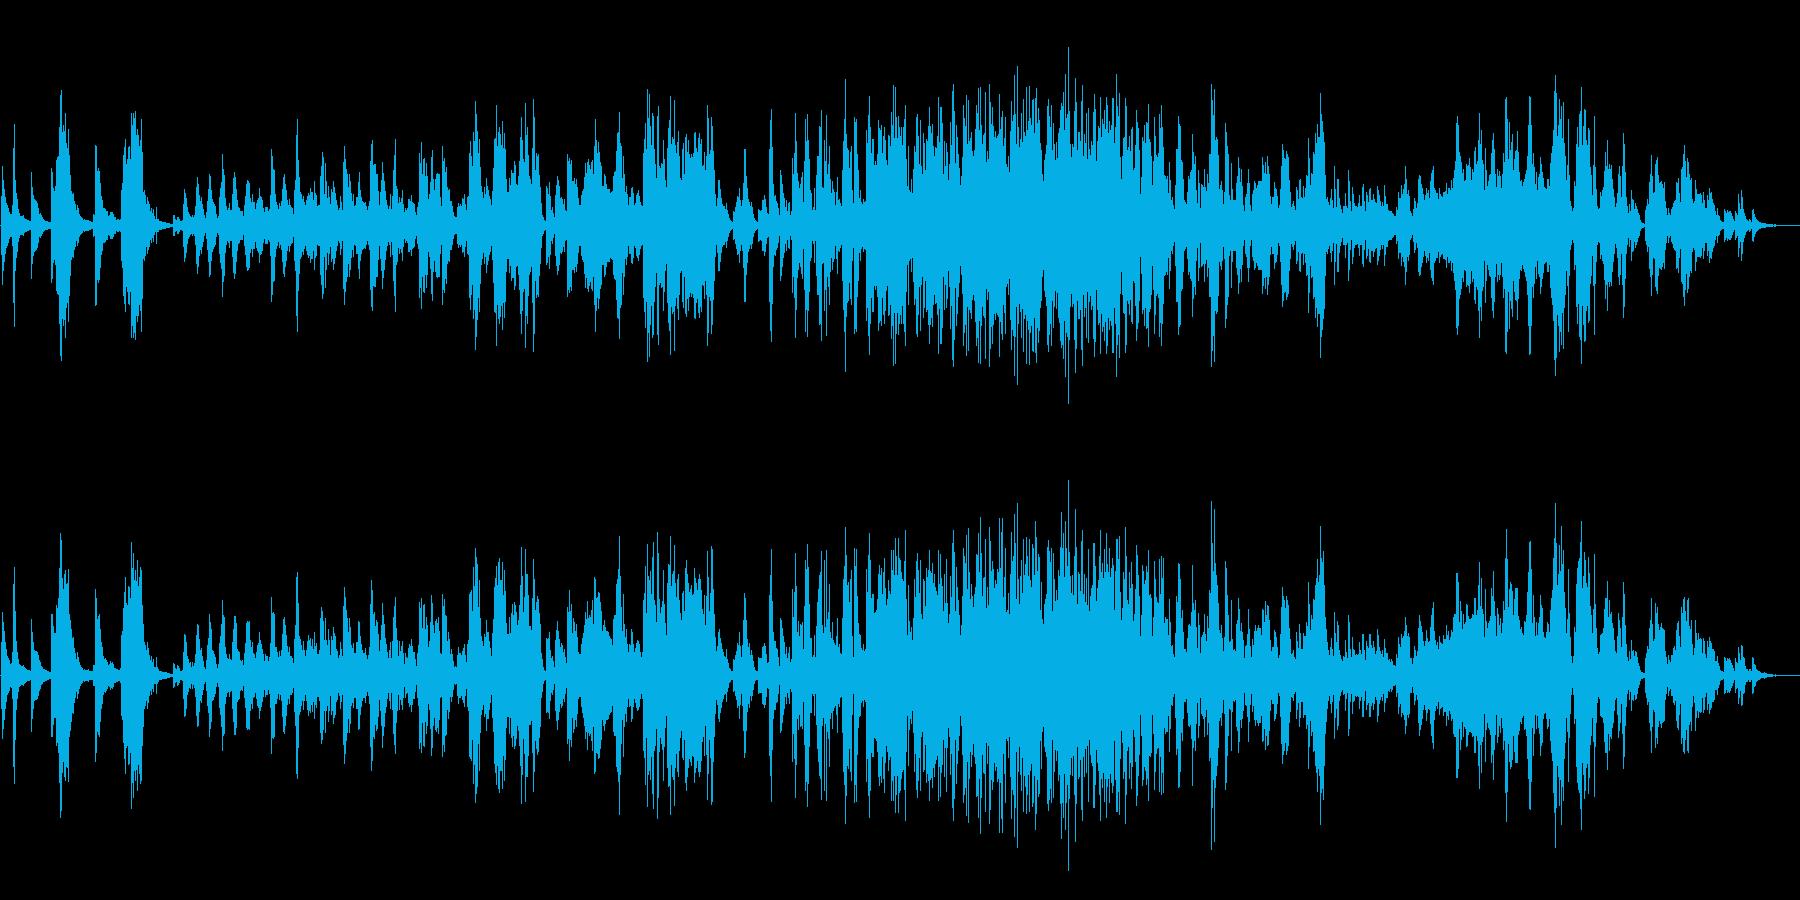 暗く悲しいイージーリスニングピアノソロの再生済みの波形